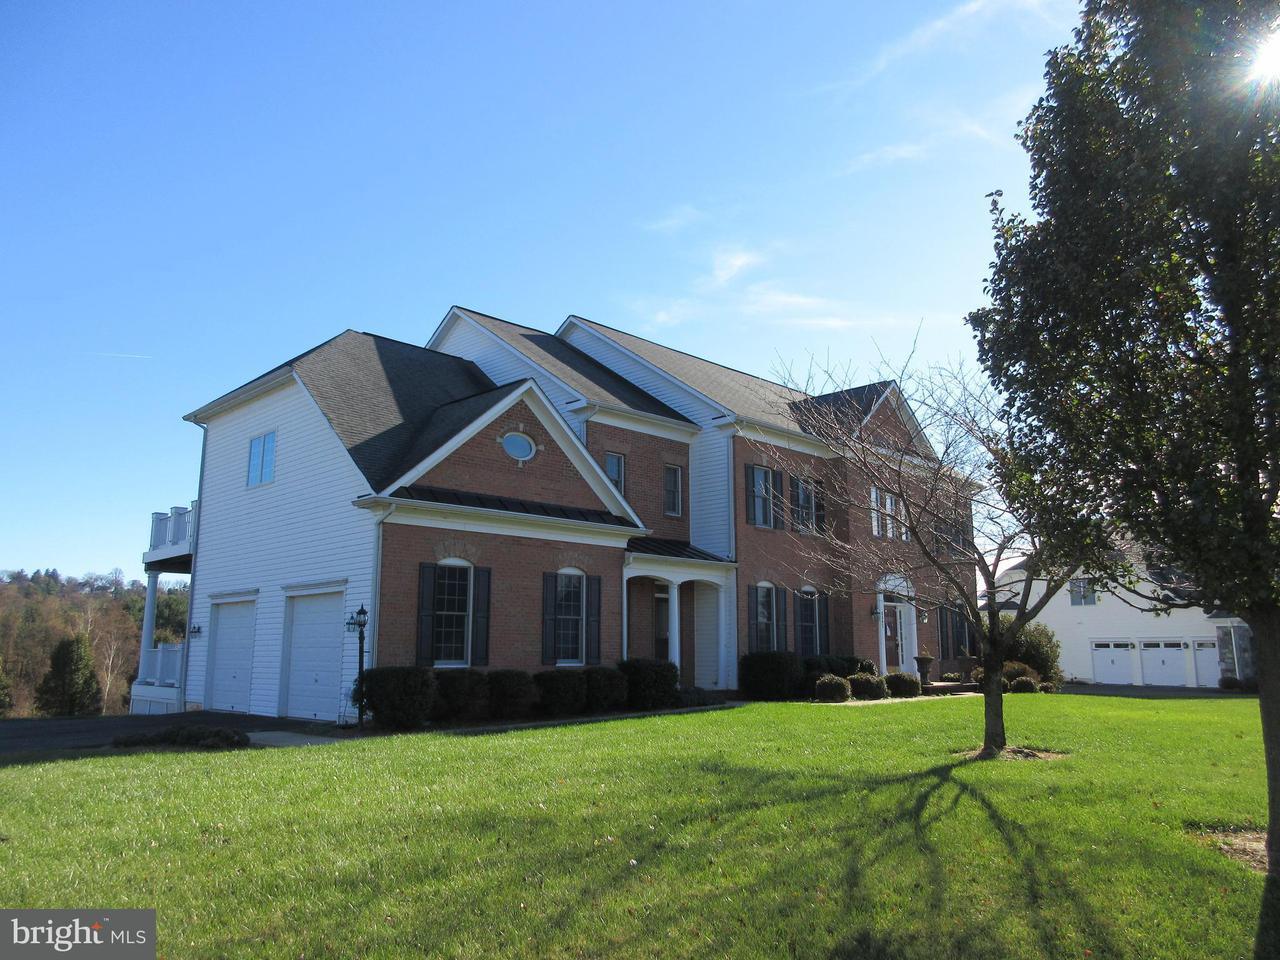 Maison unifamiliale pour l Vente à 6807 SOUTHRIDGE WAY 6807 SOUTHRIDGE WAY Middletown, Maryland 21769 États-Unis